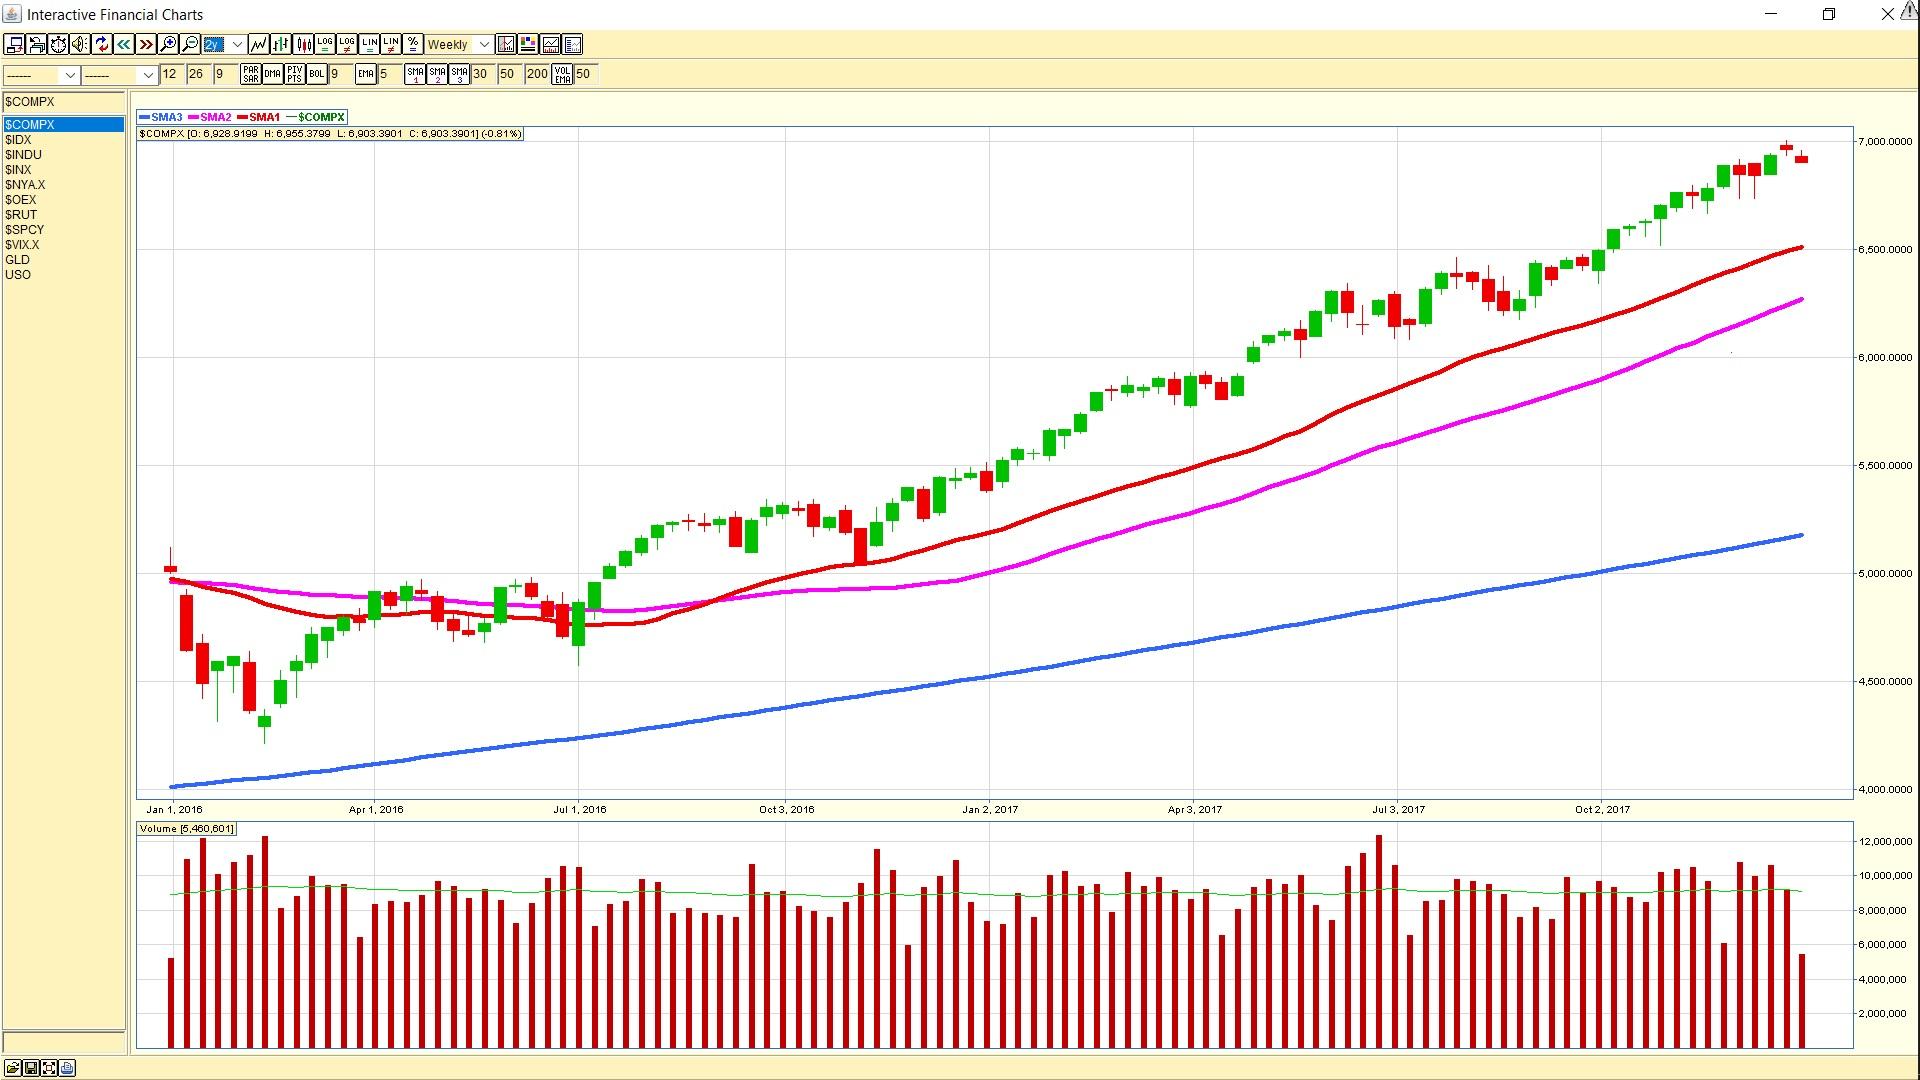 NASDAQweekly